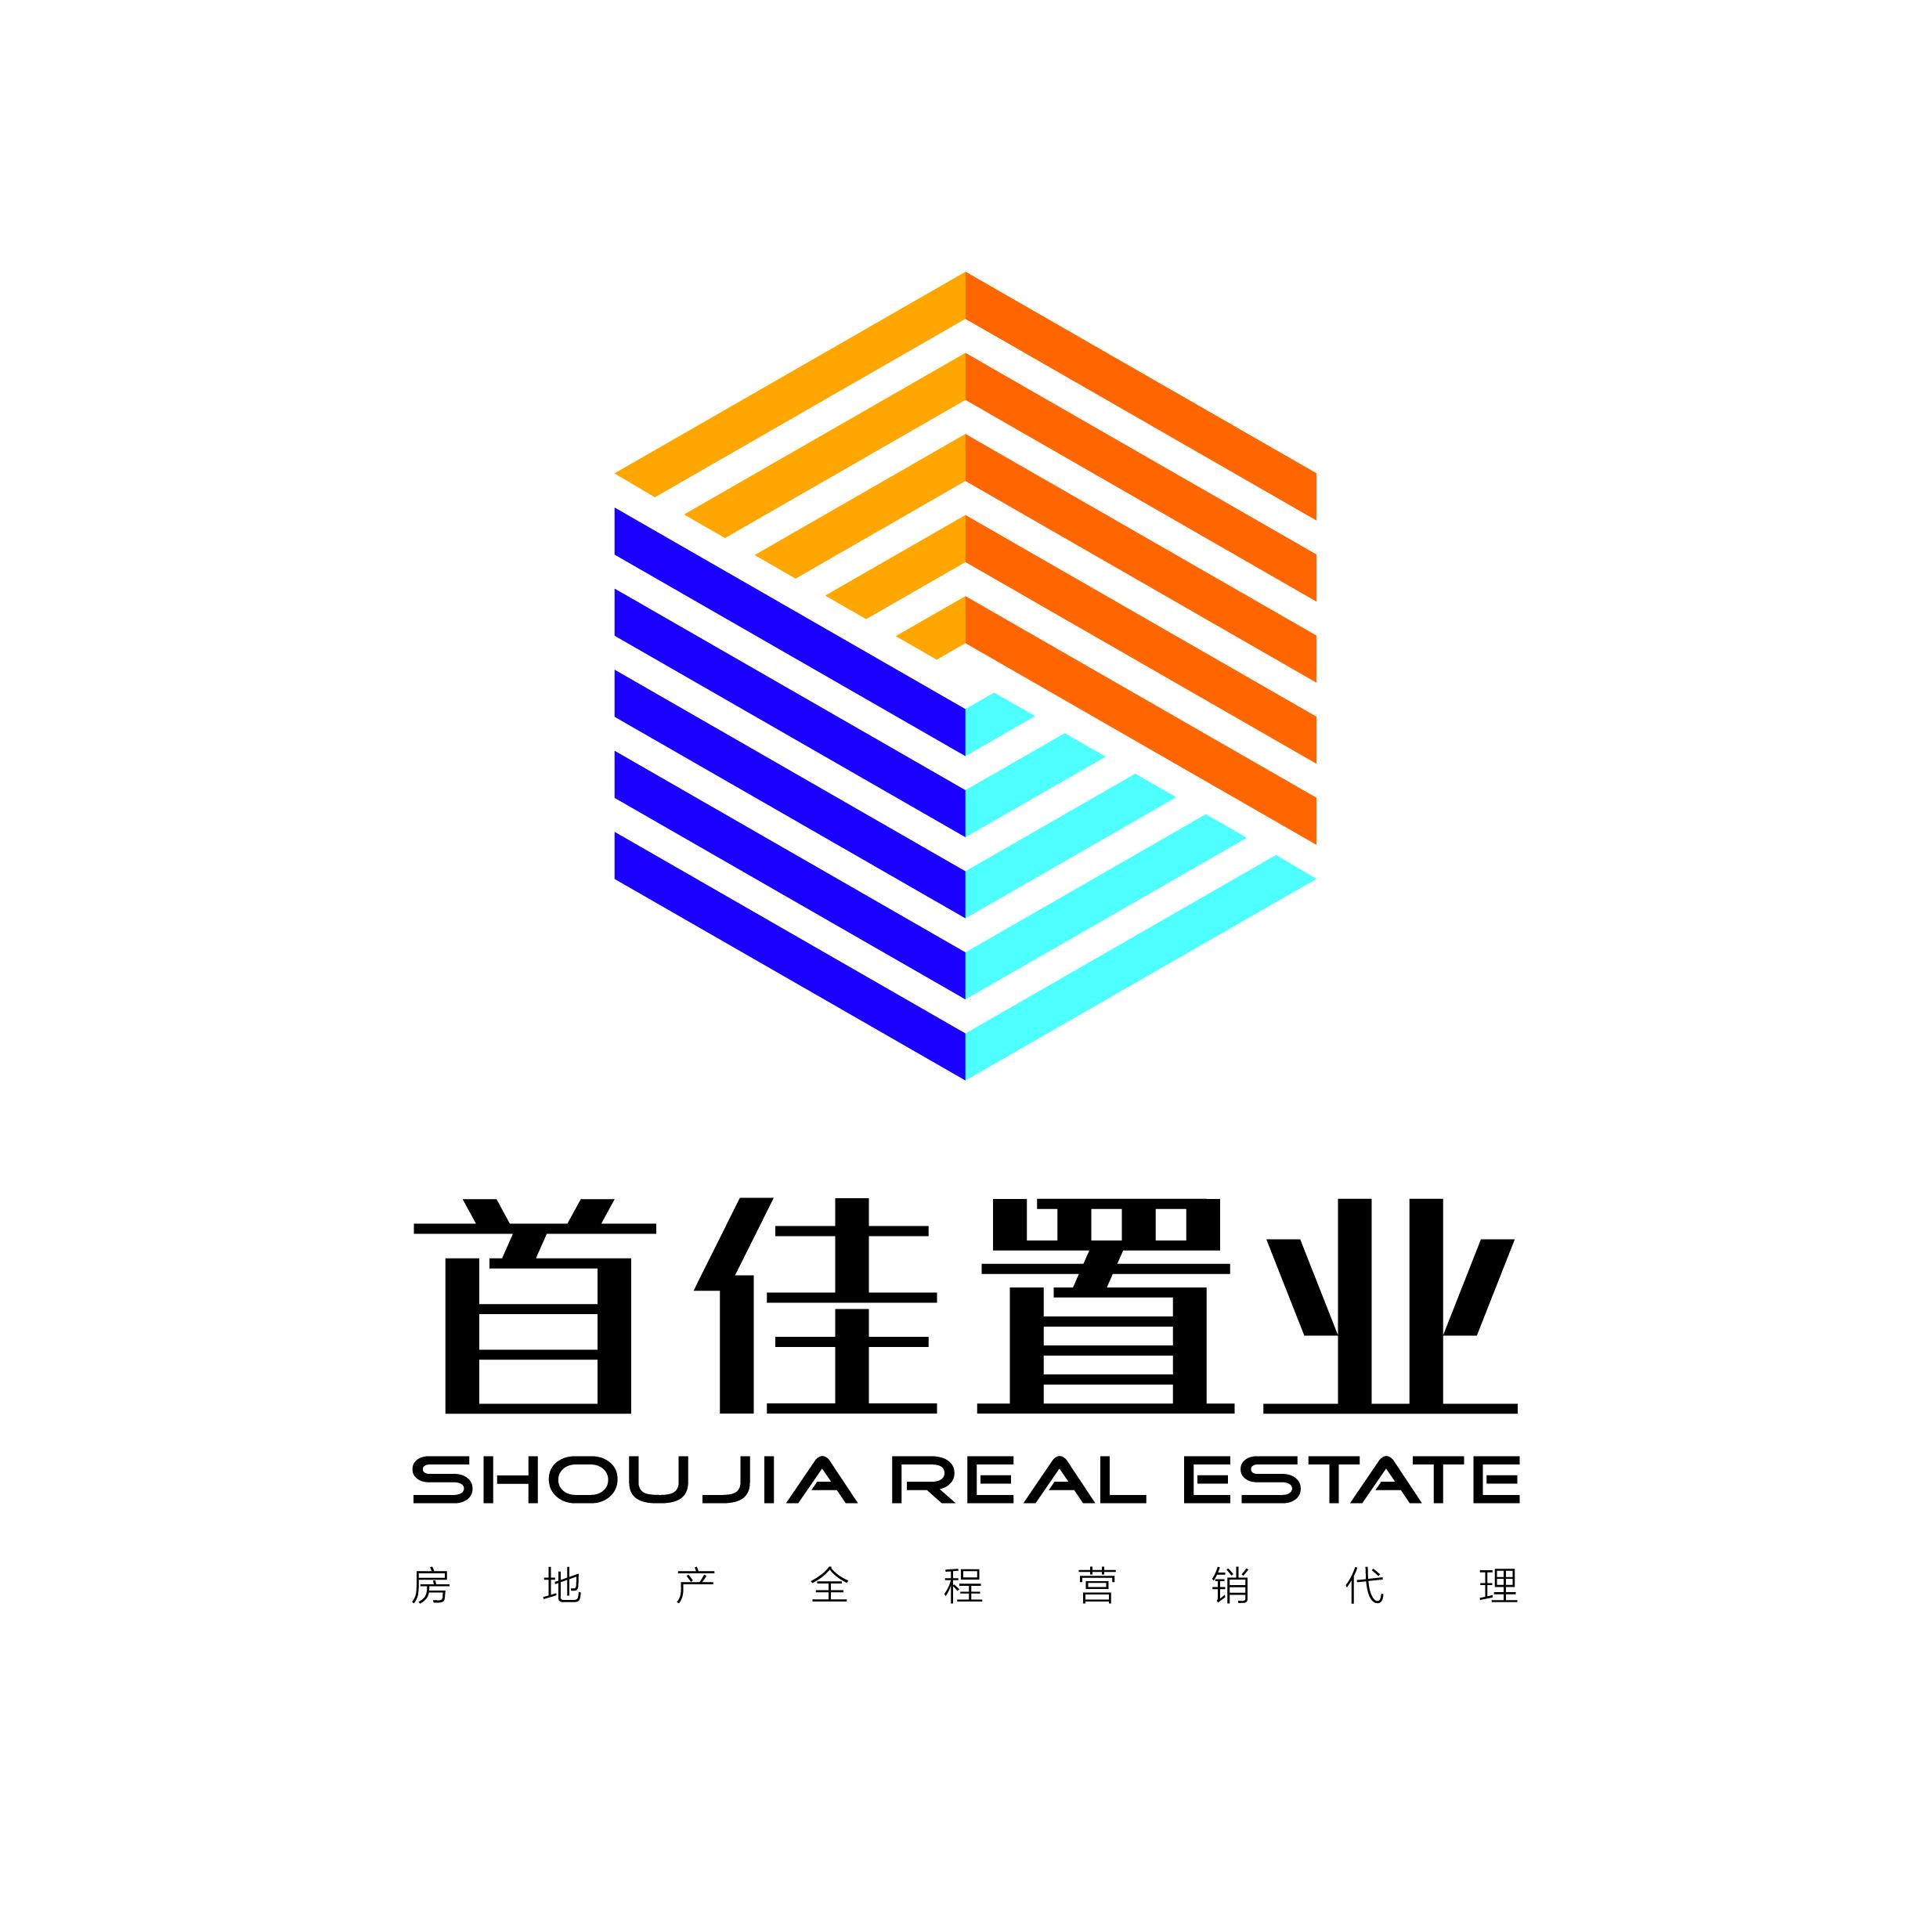 贵州首佳房地产顾问有限公司